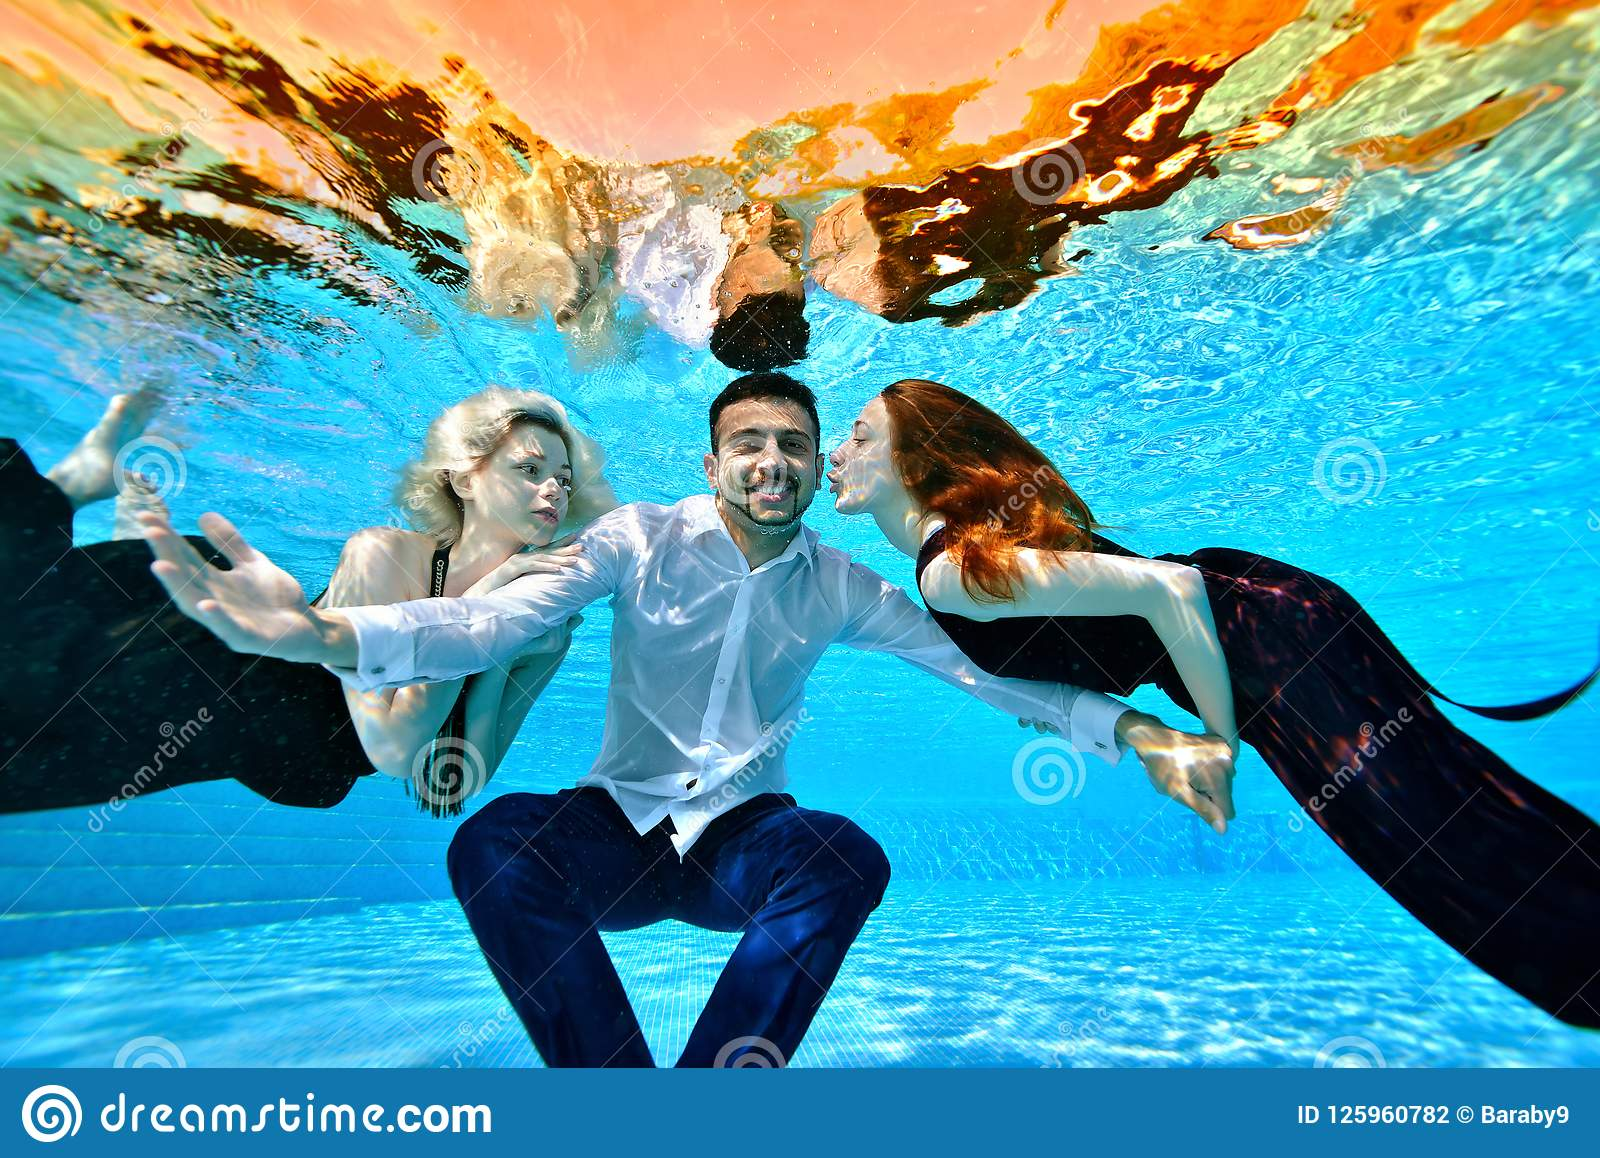 Två unga flickor som är förälskade, en blondin och en brunett, bad i klänningar och lek med en grabb i en vit skjorta under vatte